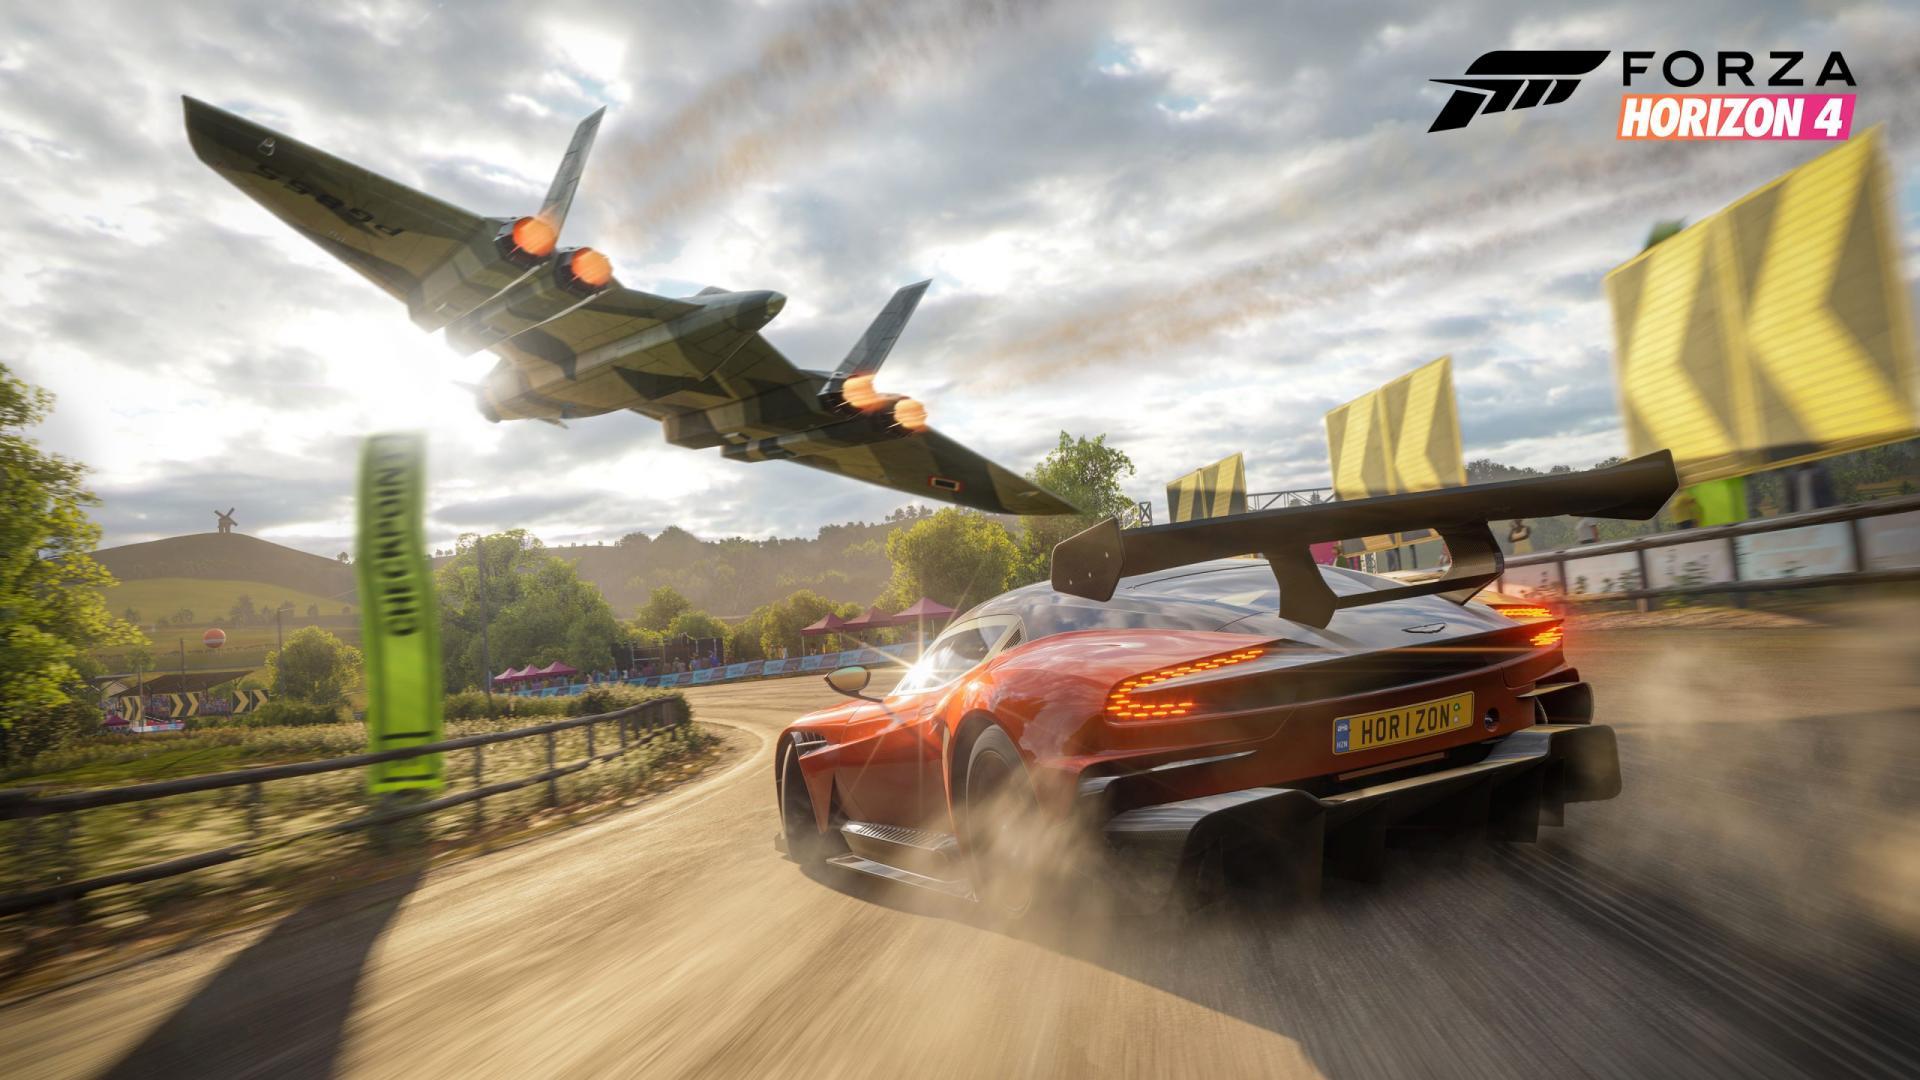 Aston Martin Vulcan Forza Horizon 4